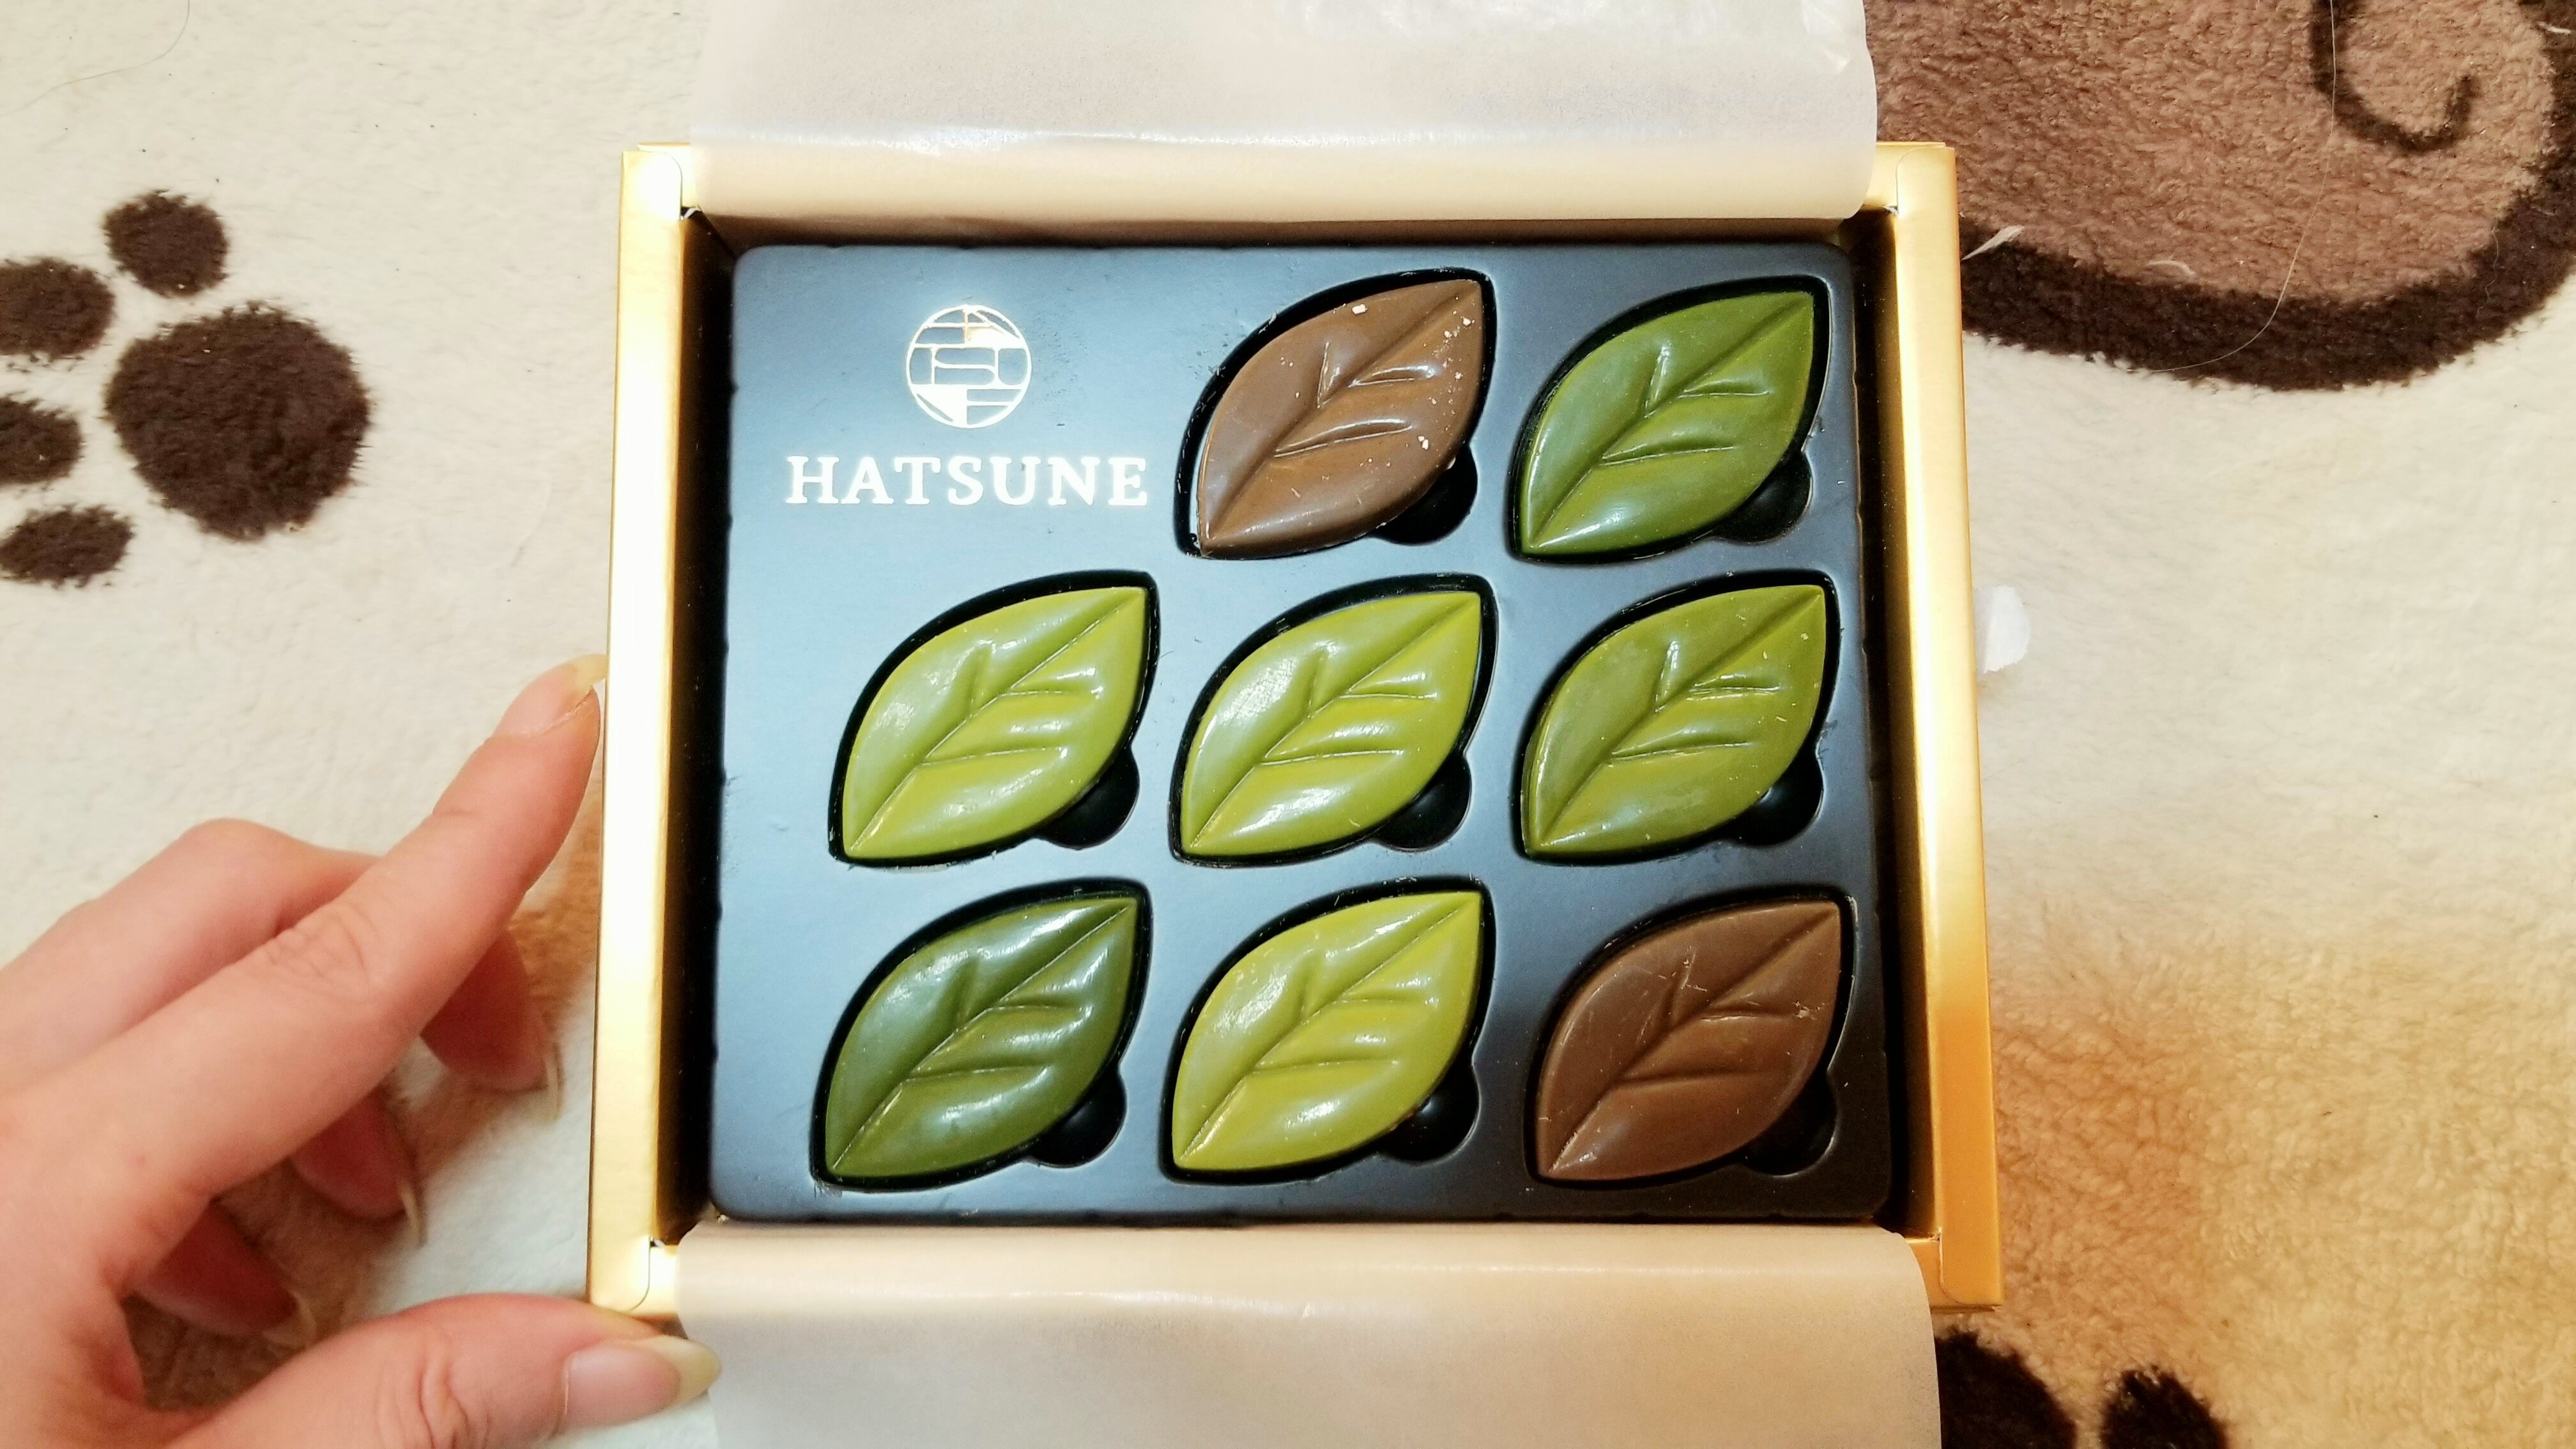 バレンタインチョコレートhatsuneリーフ抹茶味美味しい甘いかわいい